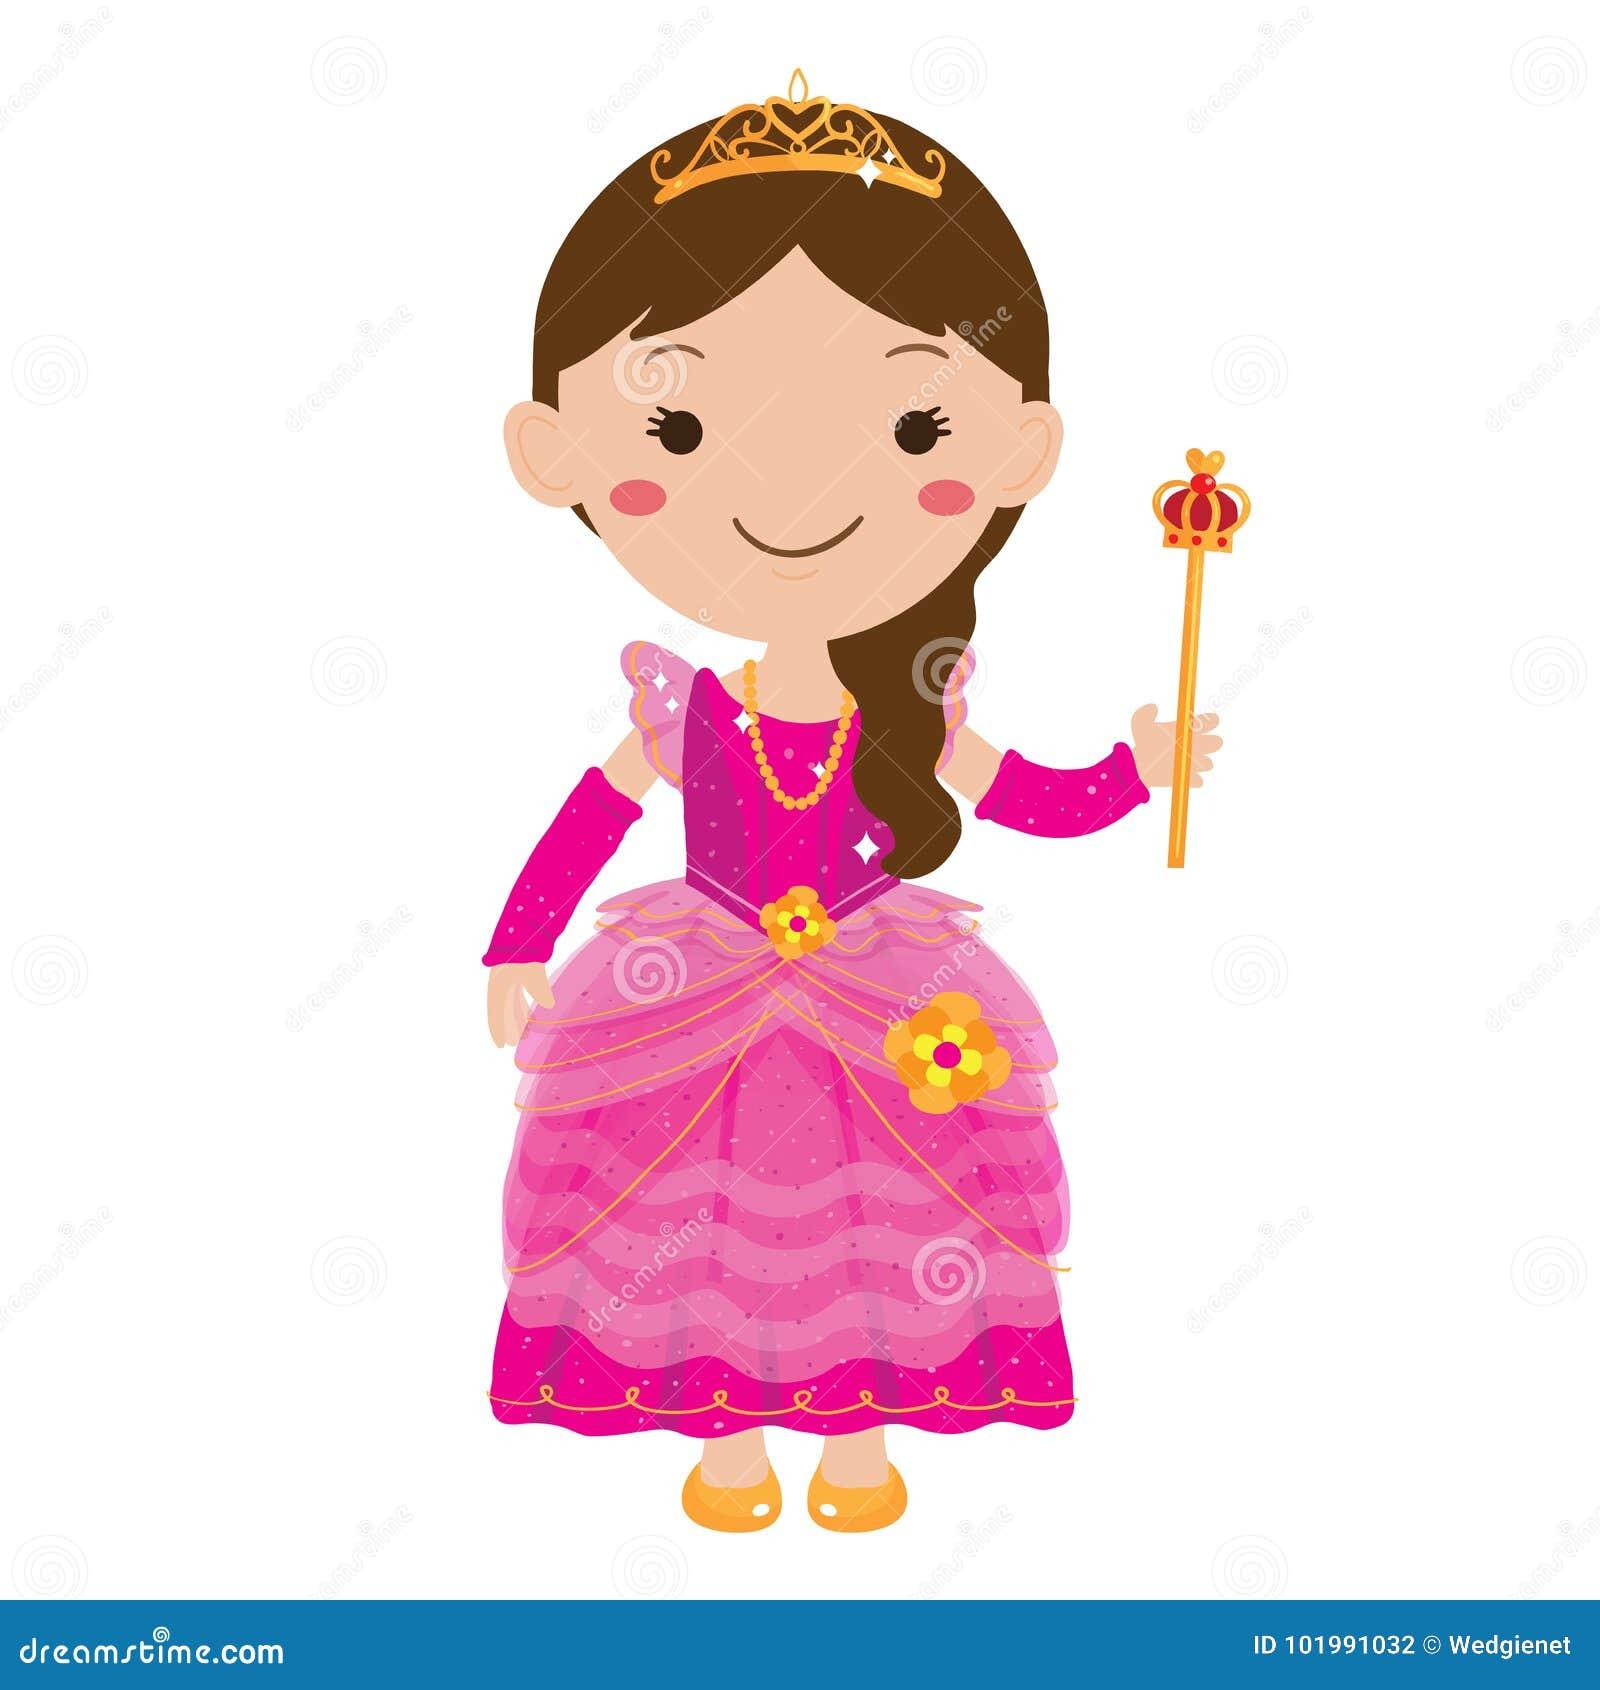 Vektorillustration des jungen Mädchens rosa Prinzessinkleid tragend